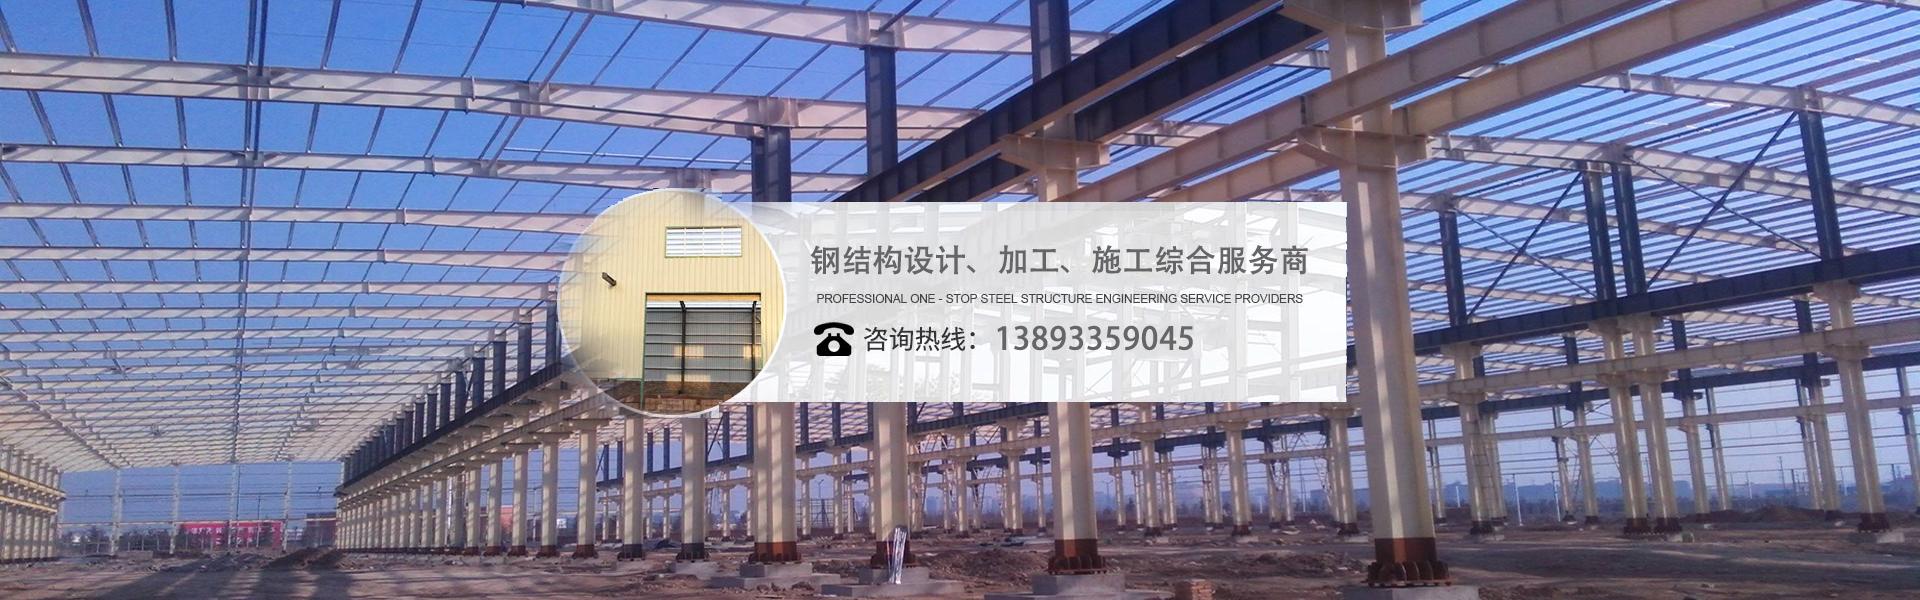 甘肃钢结构设计施工